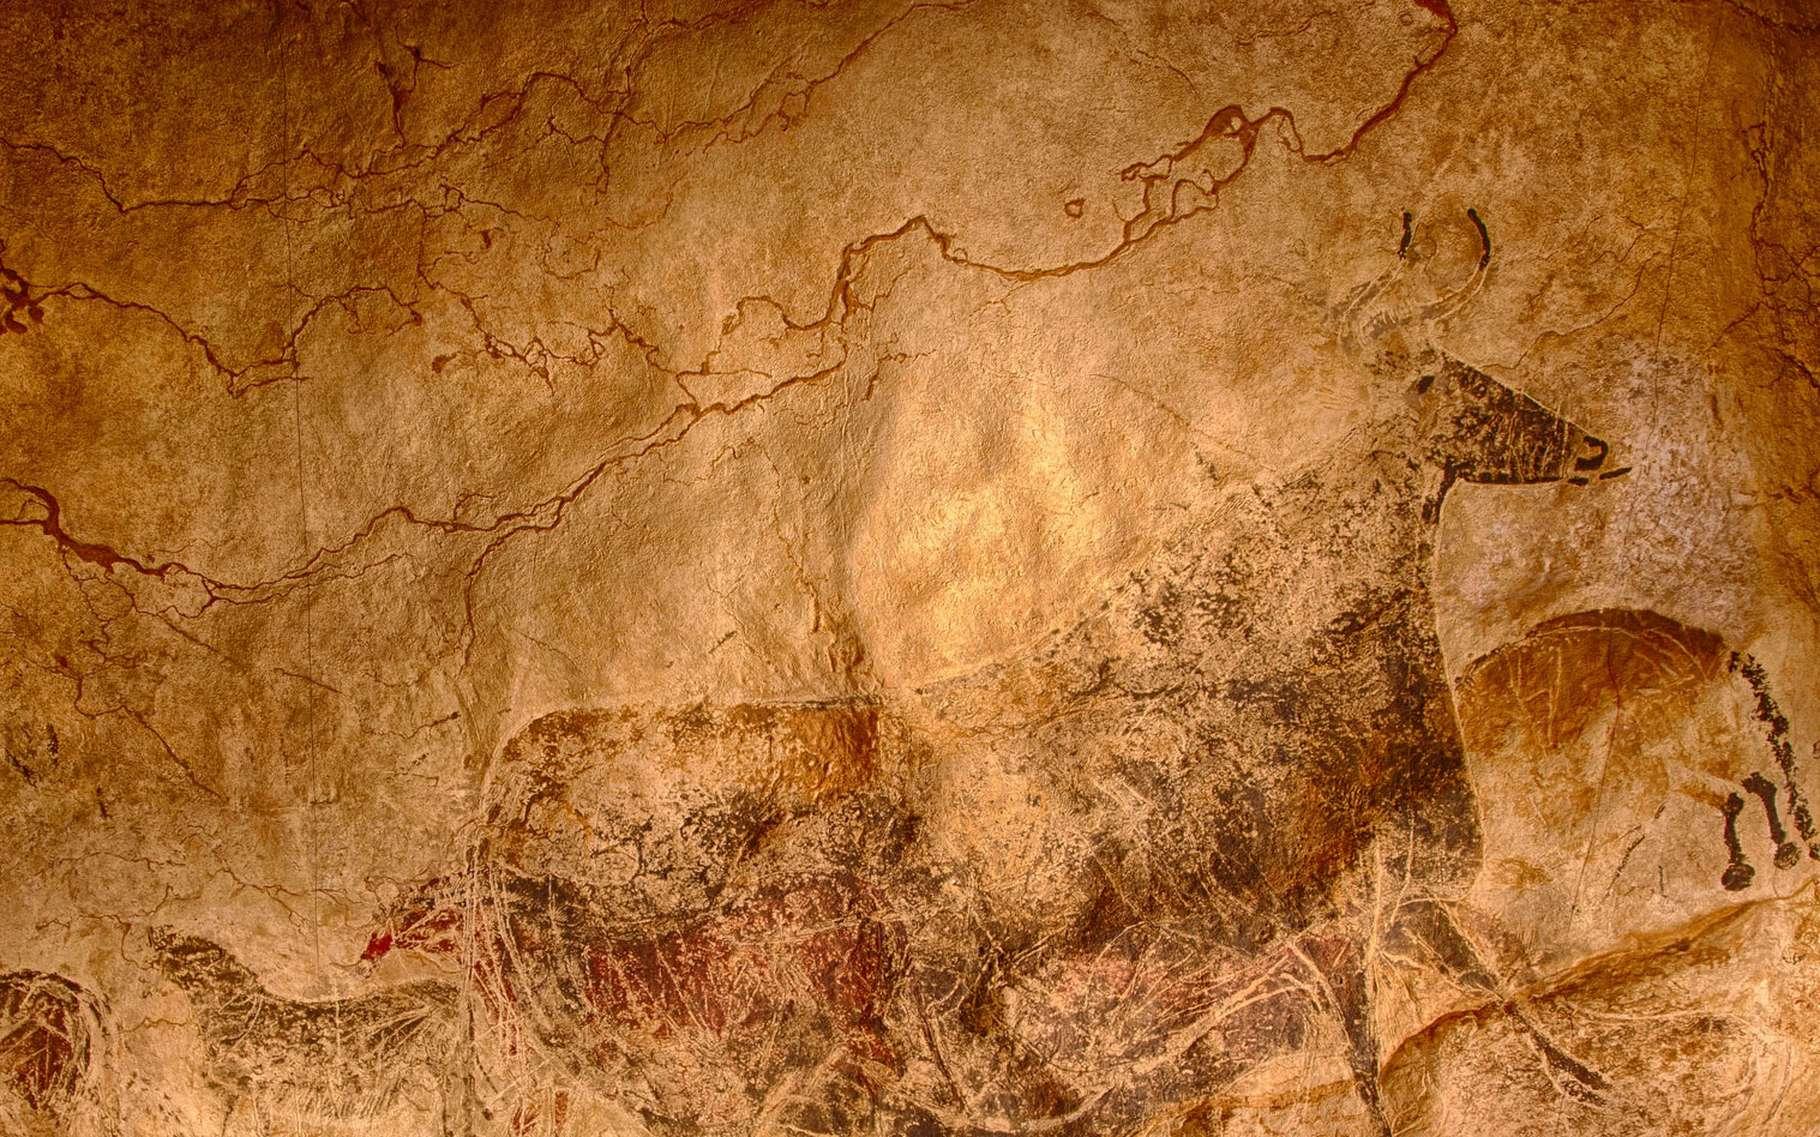 Une photo d'une reproduction de la Grotte de Lascaux. Il s'agit d'une partie du panneau dit de « La Grande Vache noire » dans la salle dite de « la Nef». La vache est en réalité un aurochs dont la taille sur la paroi est de 220 cm. © Randall Pugh, CC by-nc 2.0